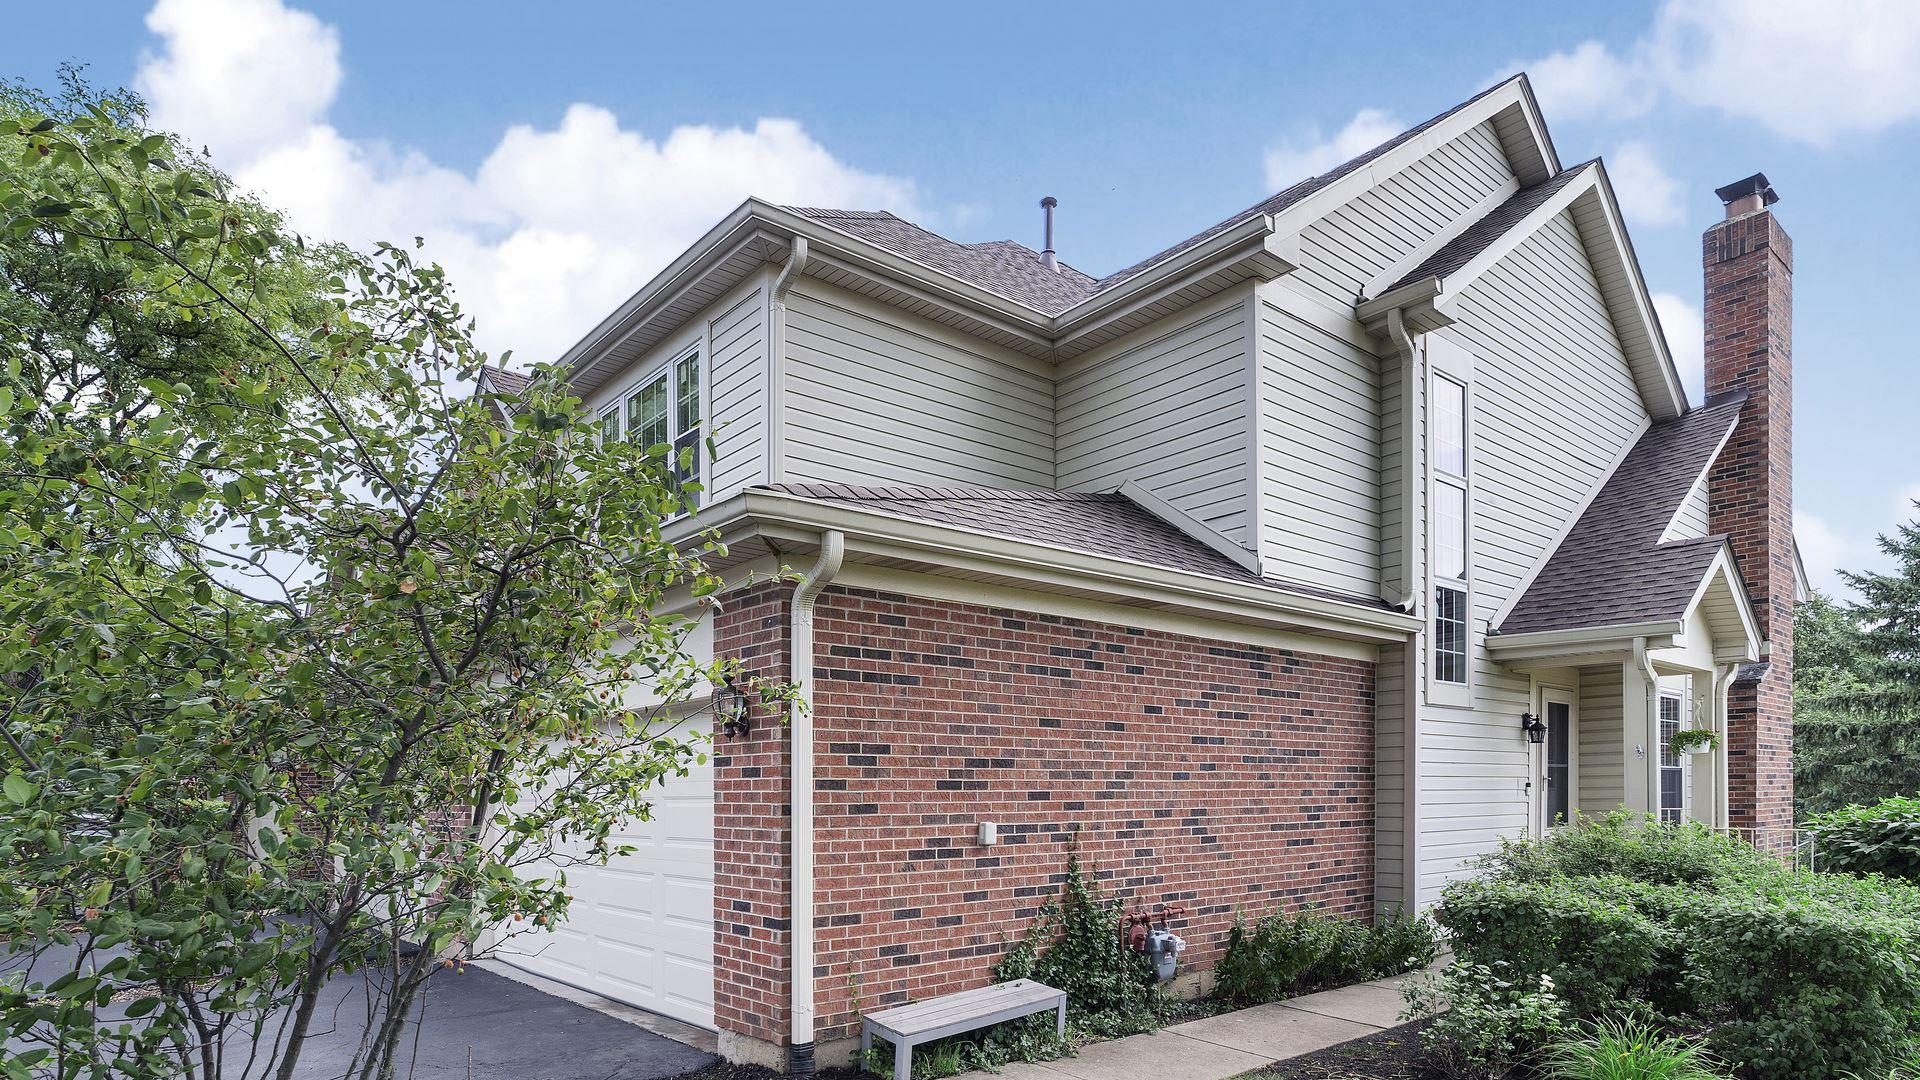 2249 SEAVER Lane #2249, Hoffman Estates, IL 60169 - #: 10767241